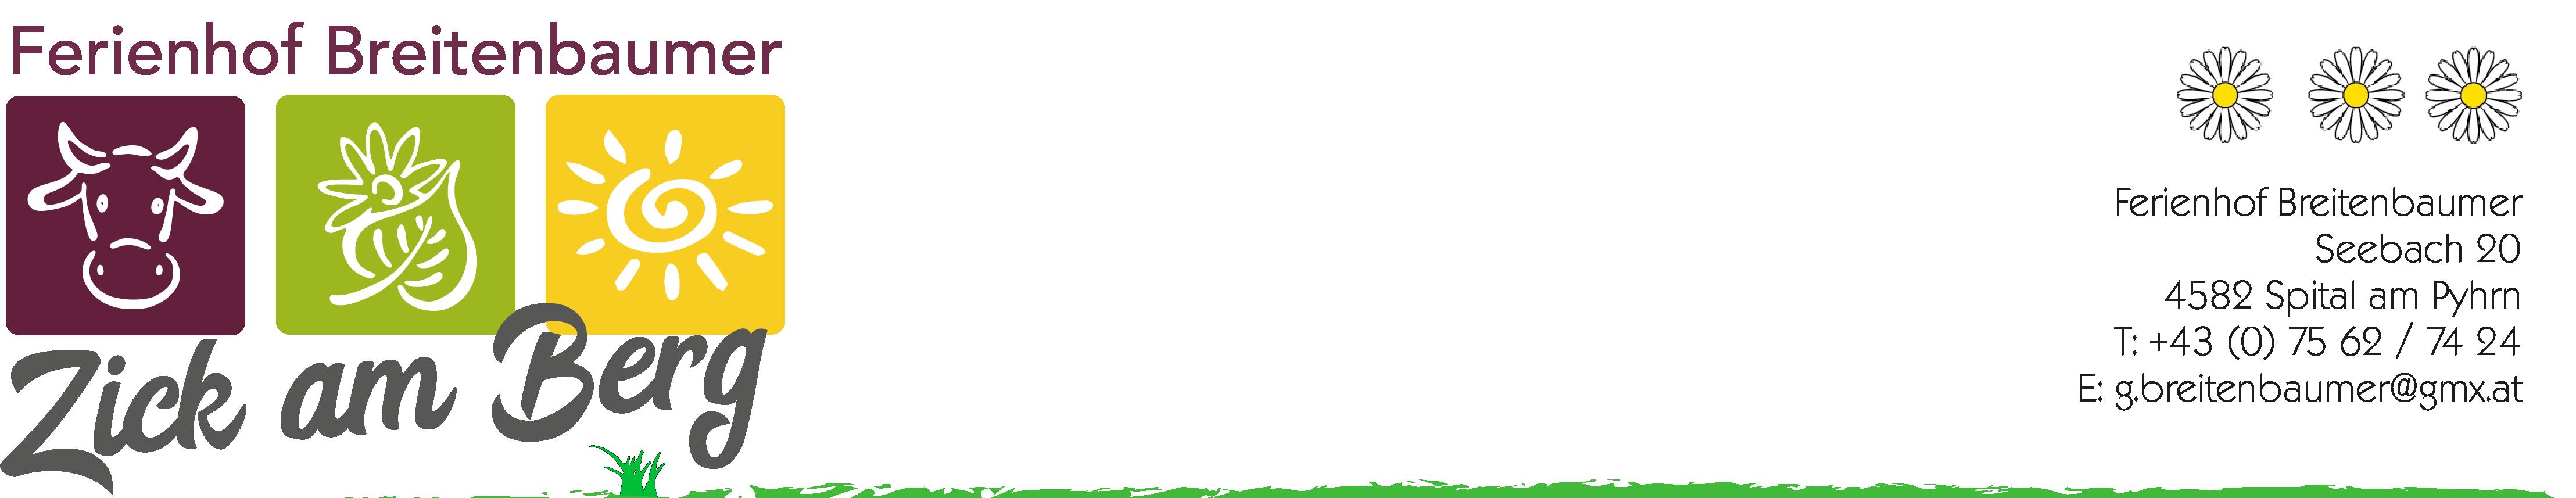 Ferienhof Breitenbaumer Logo